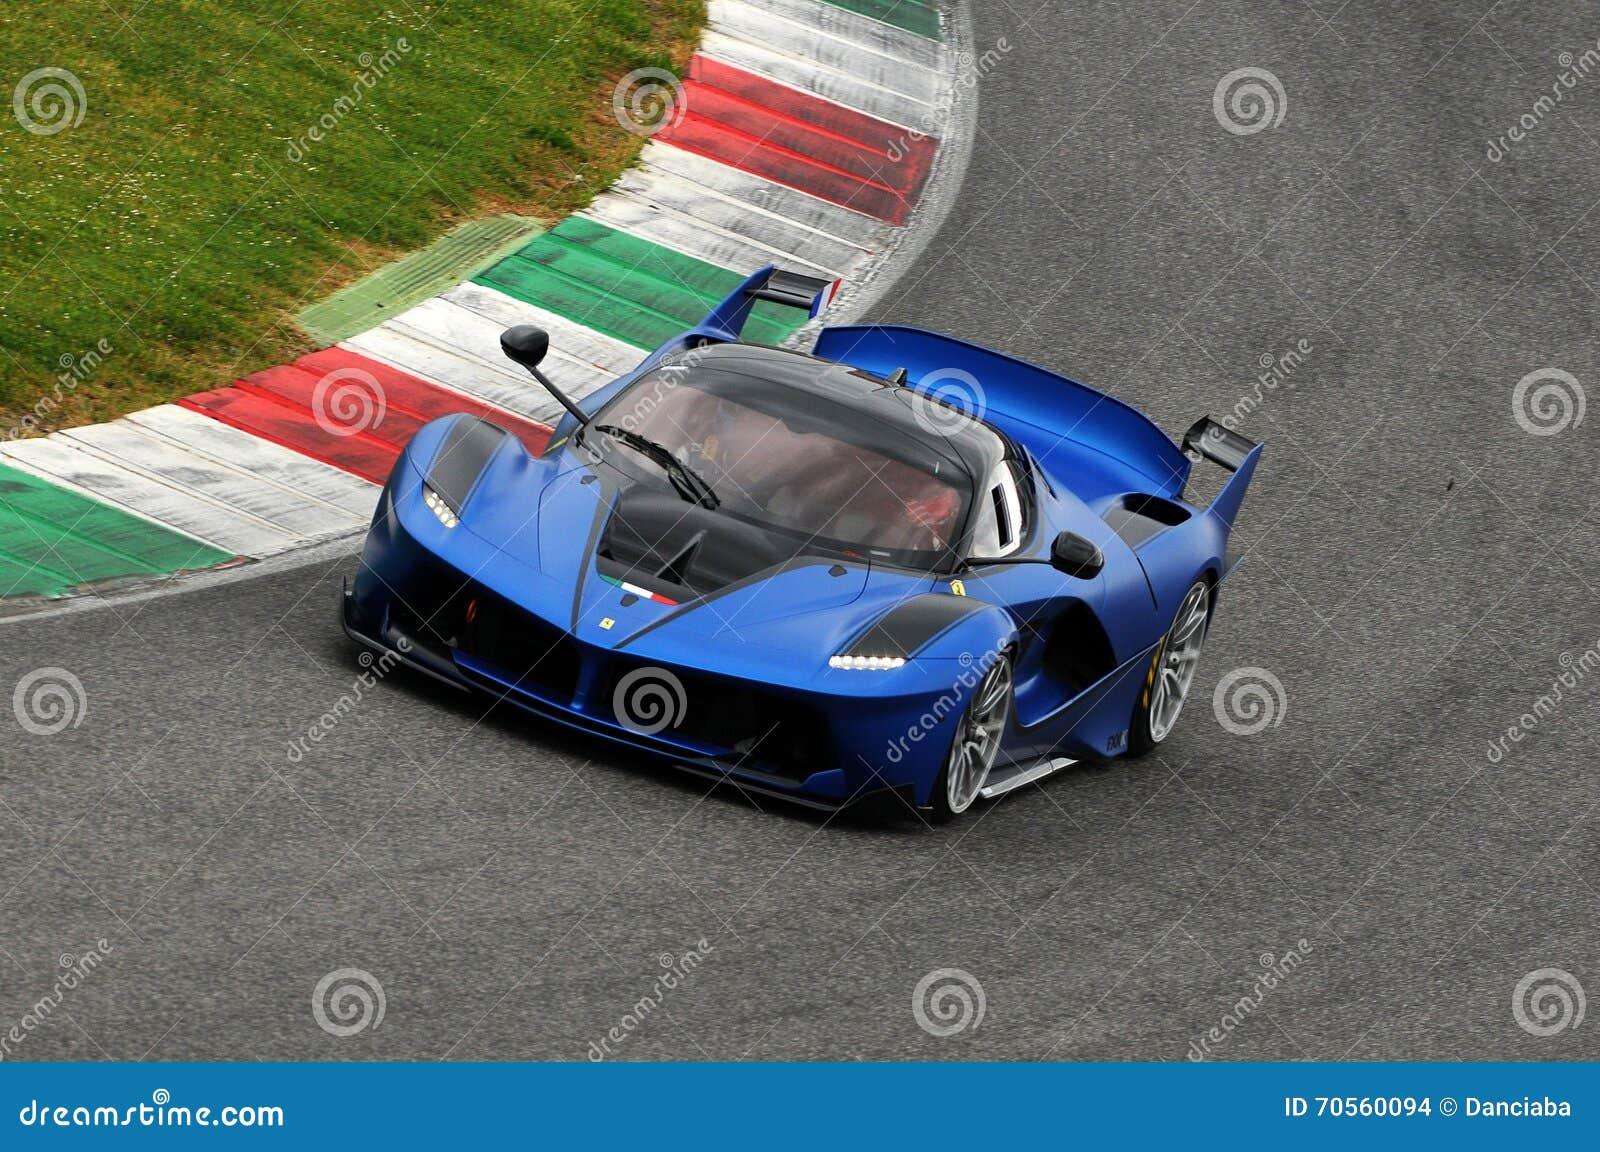 Circuito Del Mugello : Ferrari fxx k test al mugello 2016 editorial stock image image of